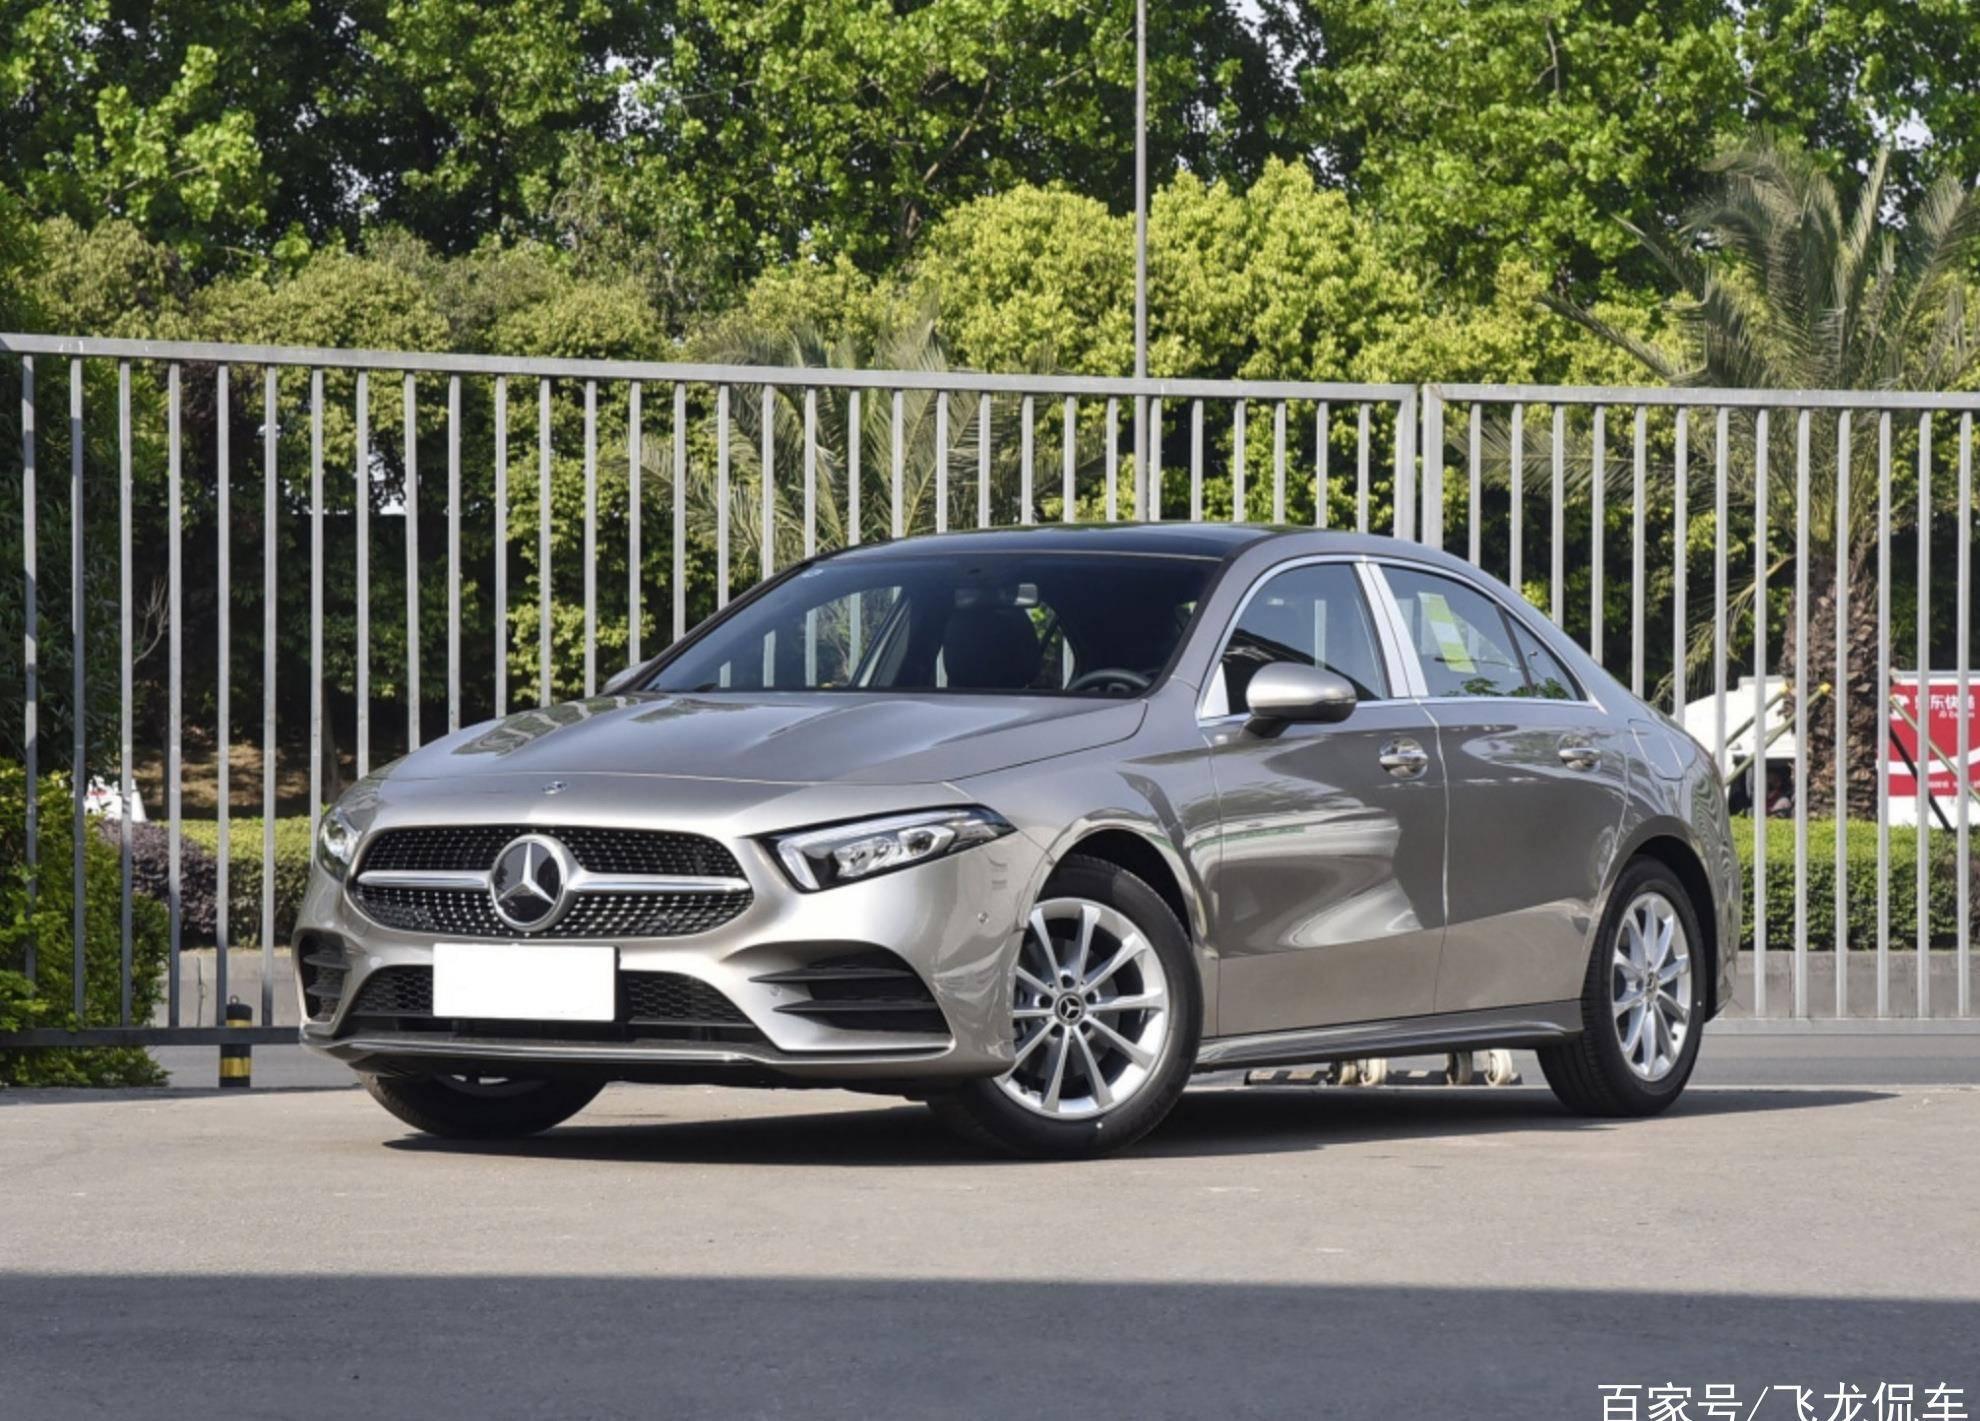 另一款原创专车供货成功,年销量6.88万辆,泡妞面值136马力,油耗5.3L L。